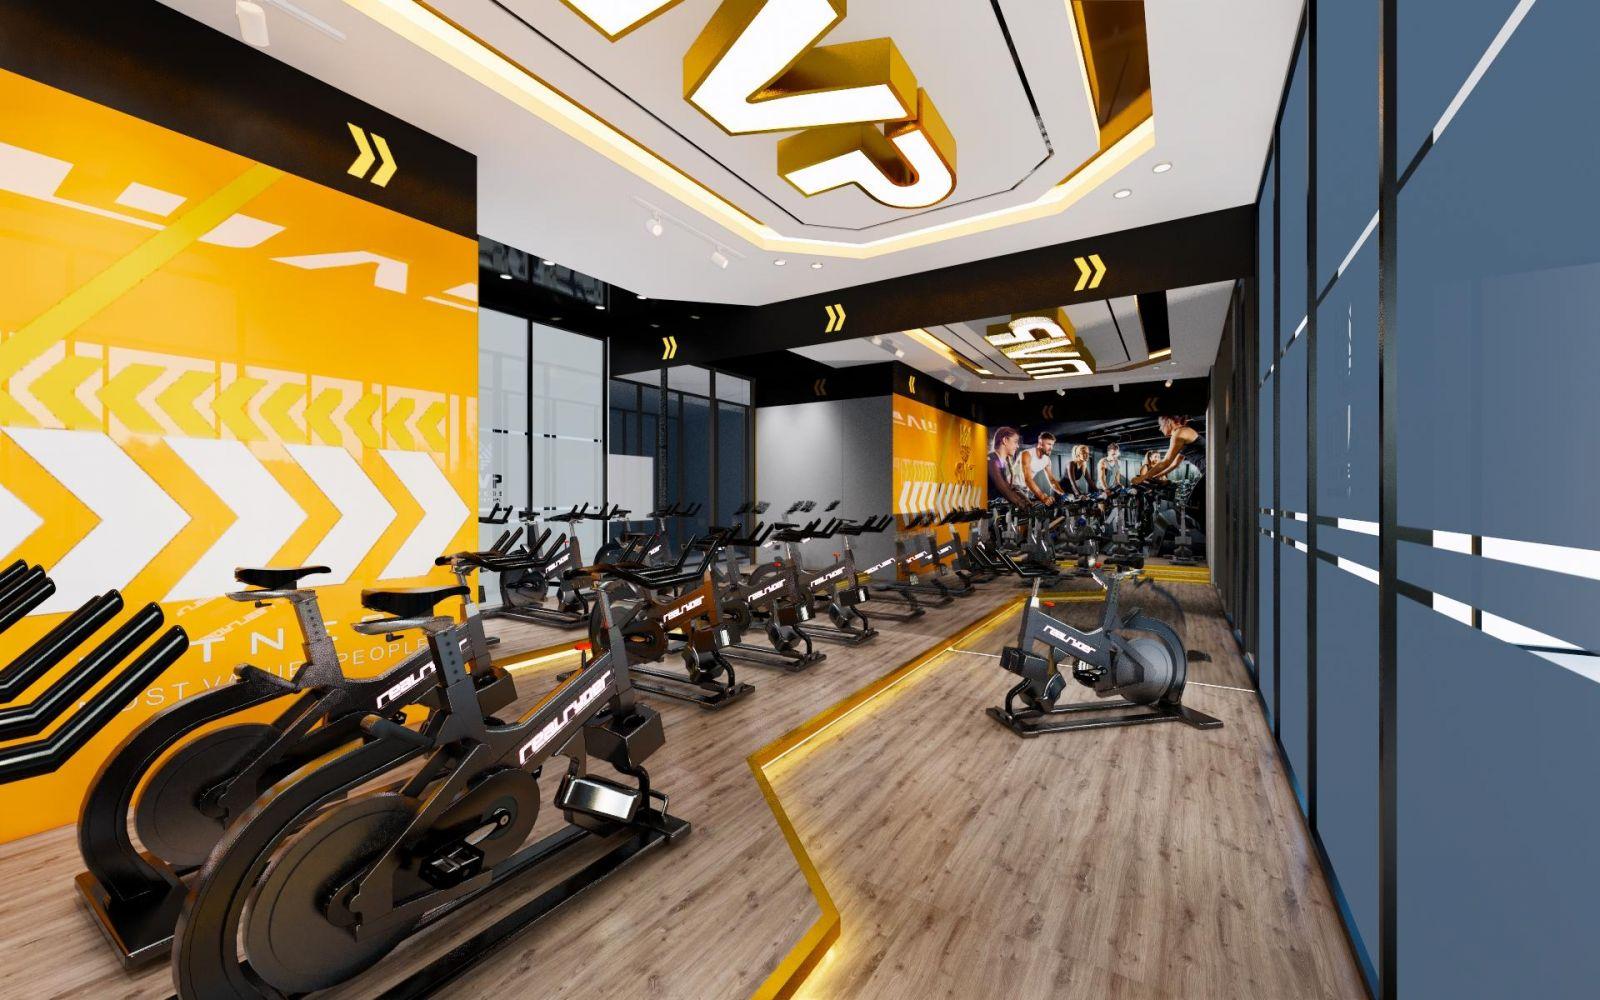 Thiết kế nội thất phòng GYM MVT ở 6th element Nguyễn Văn Huyên, Hà Nội